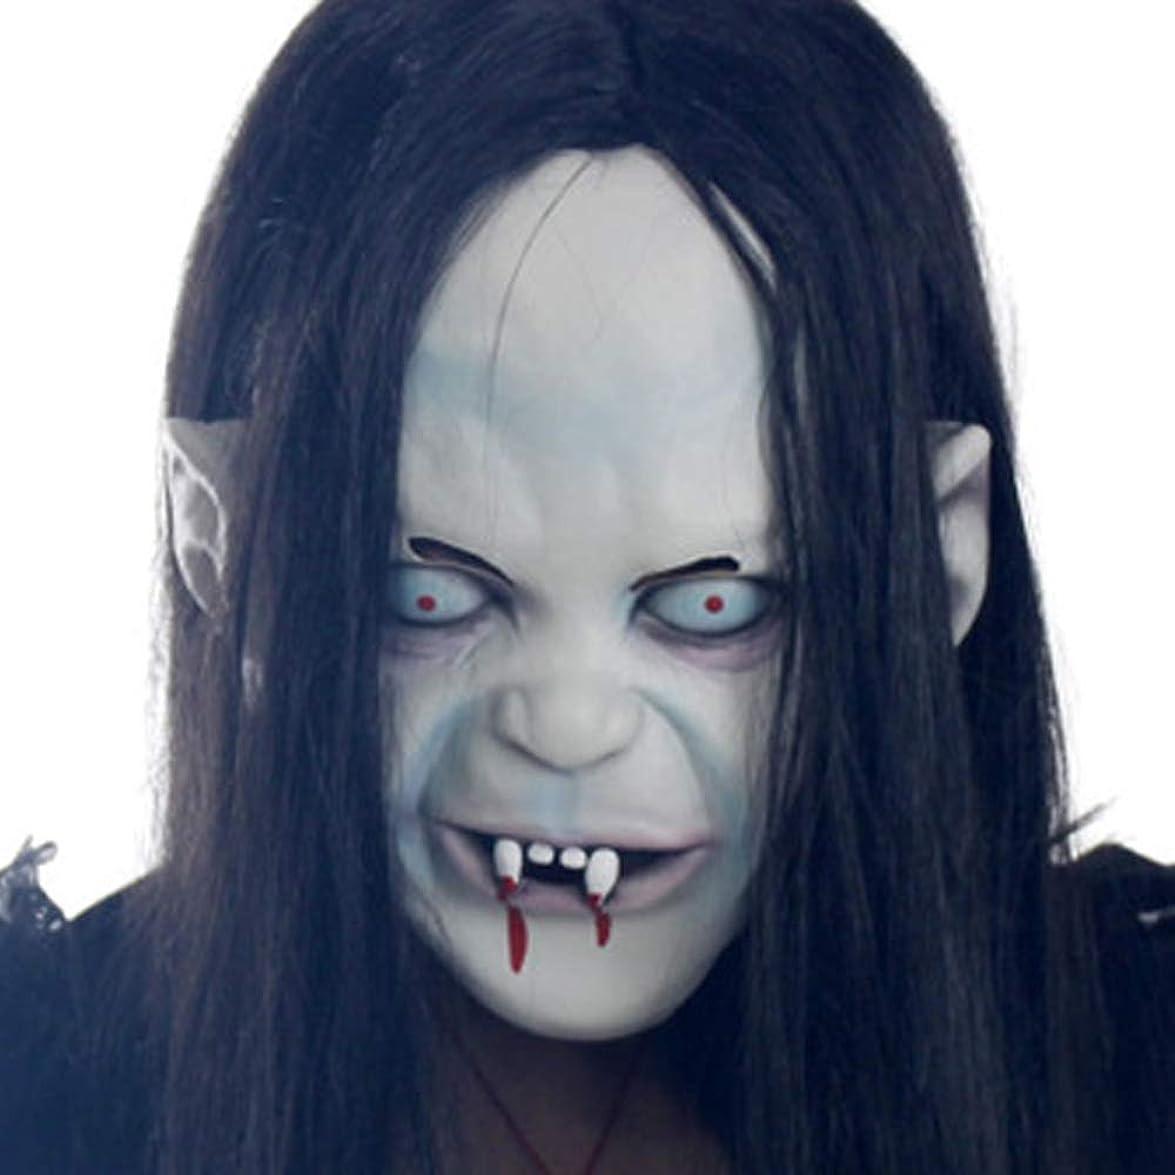 ゾーンホールド市区町村マスク、ハロウィーンマスク、ミラーマスク、魔女マスク、いたずらに使用することができます,Three